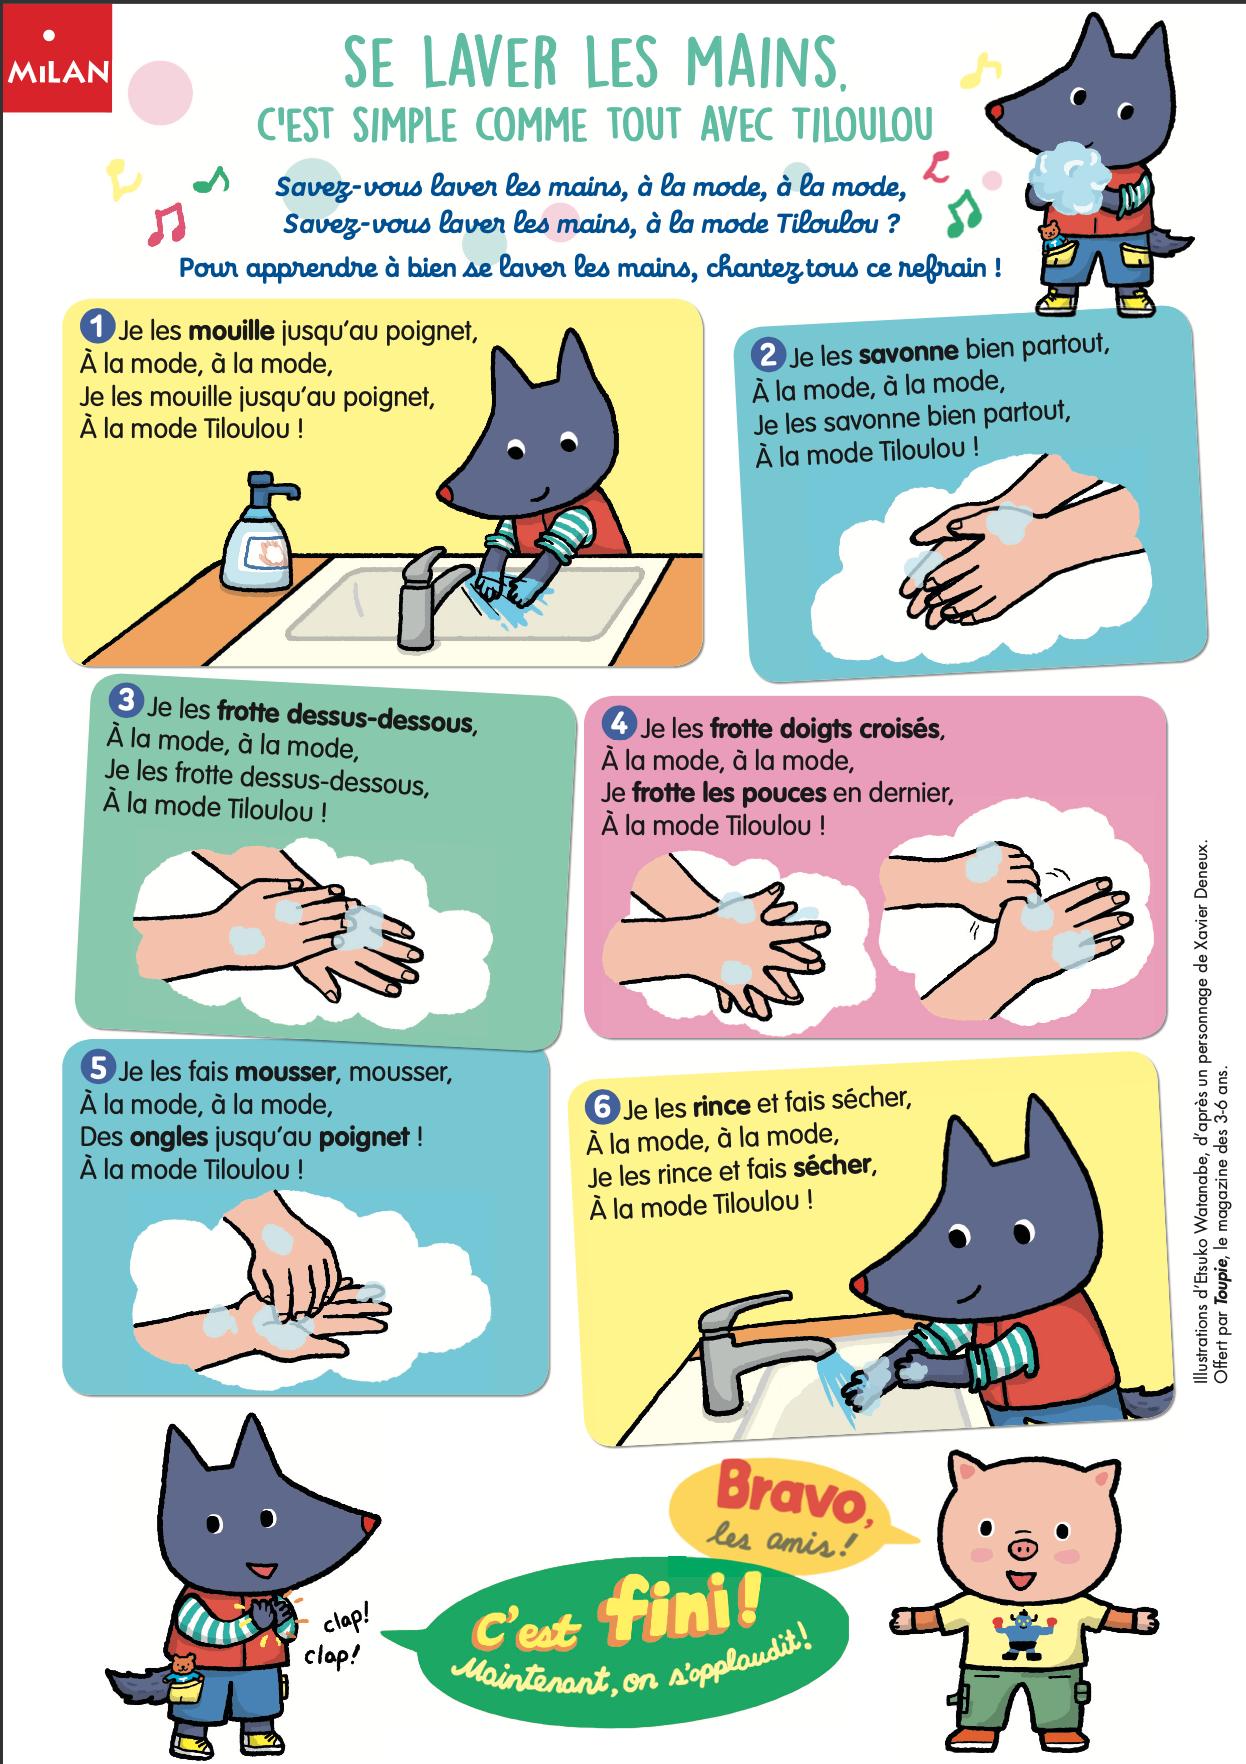 Schéma ludique expliquant comment bien se laver les mains